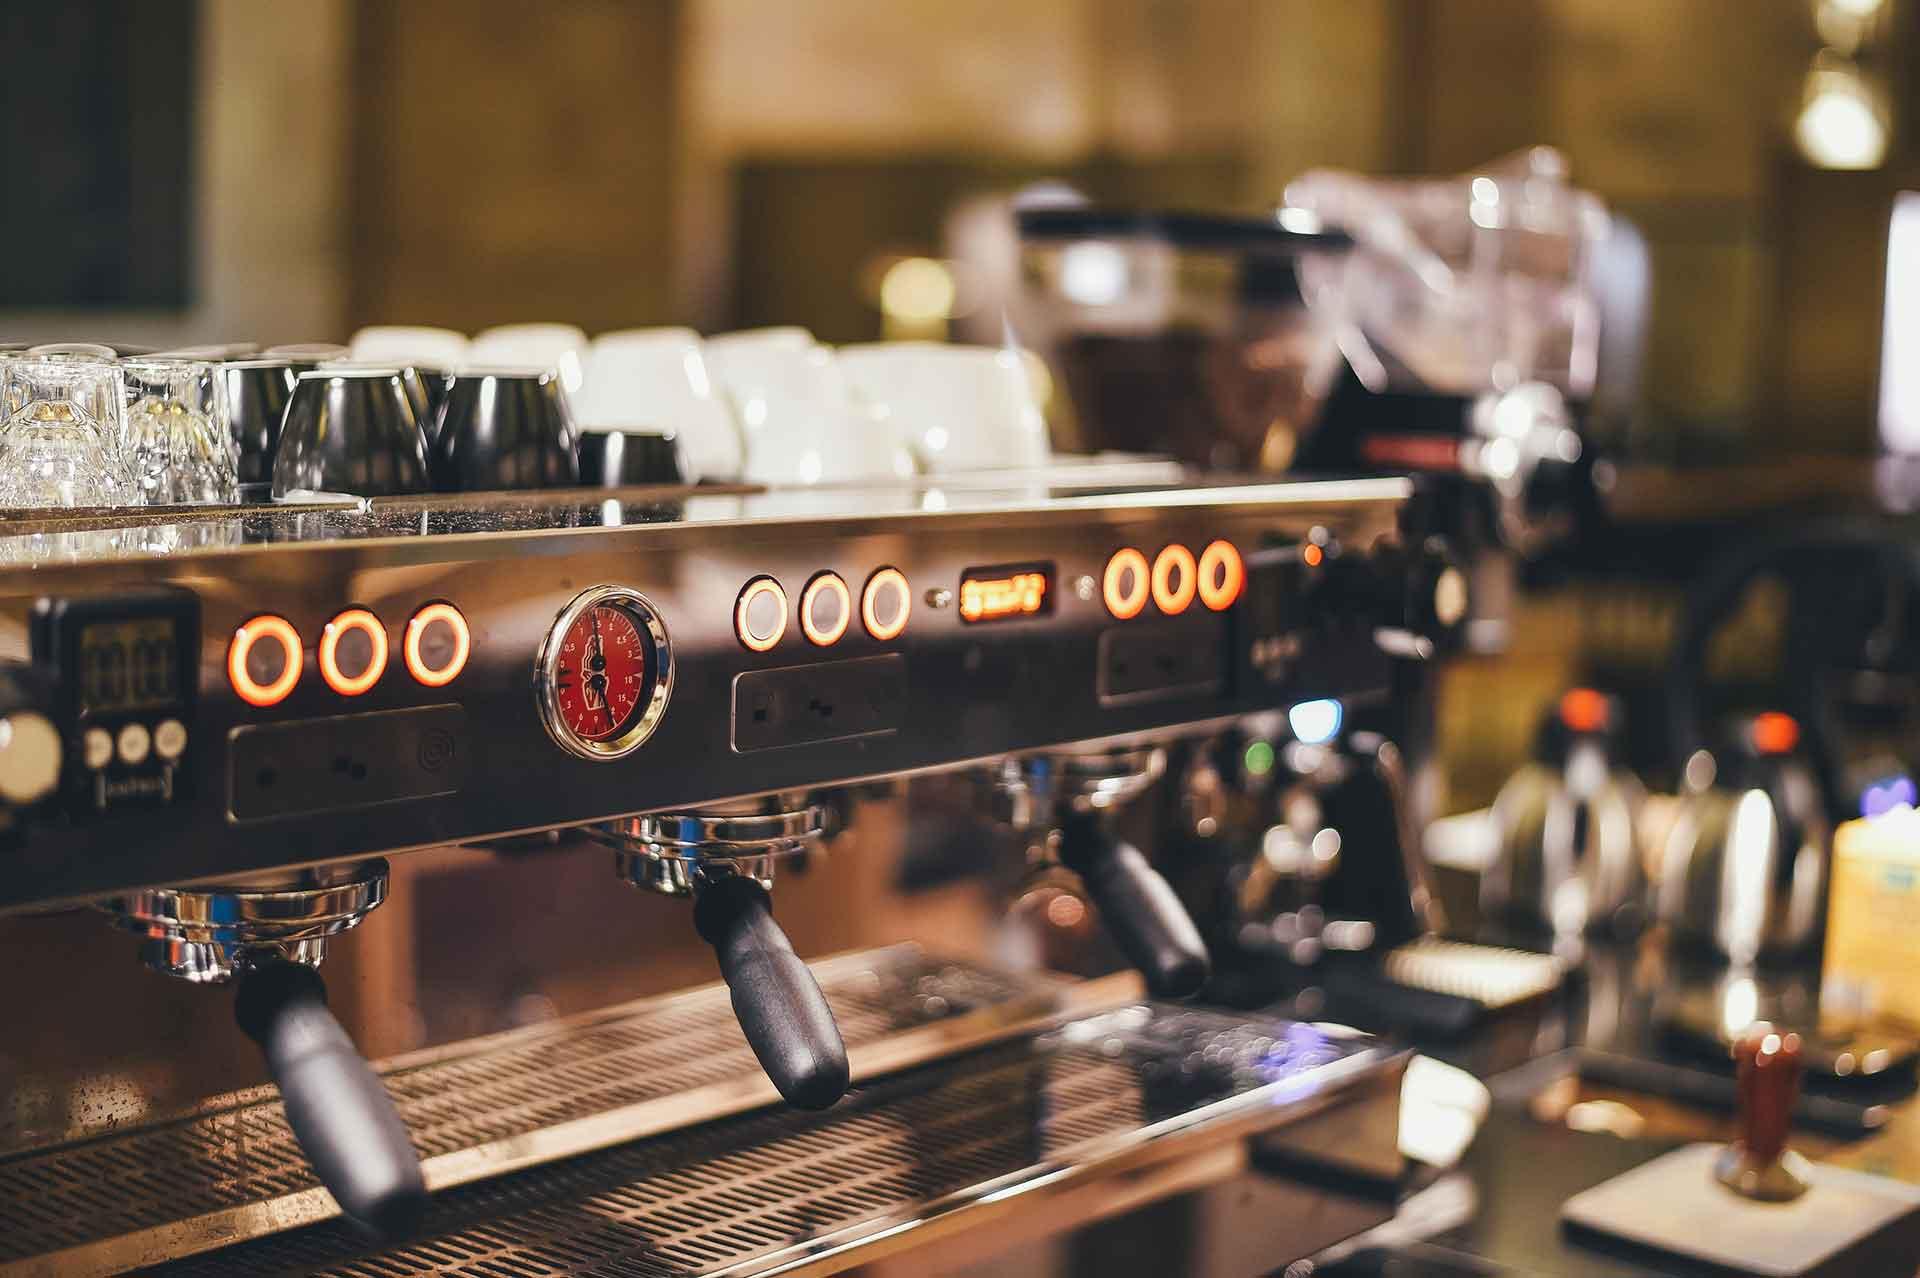 image-photographie-percolateur-vintage-cafes